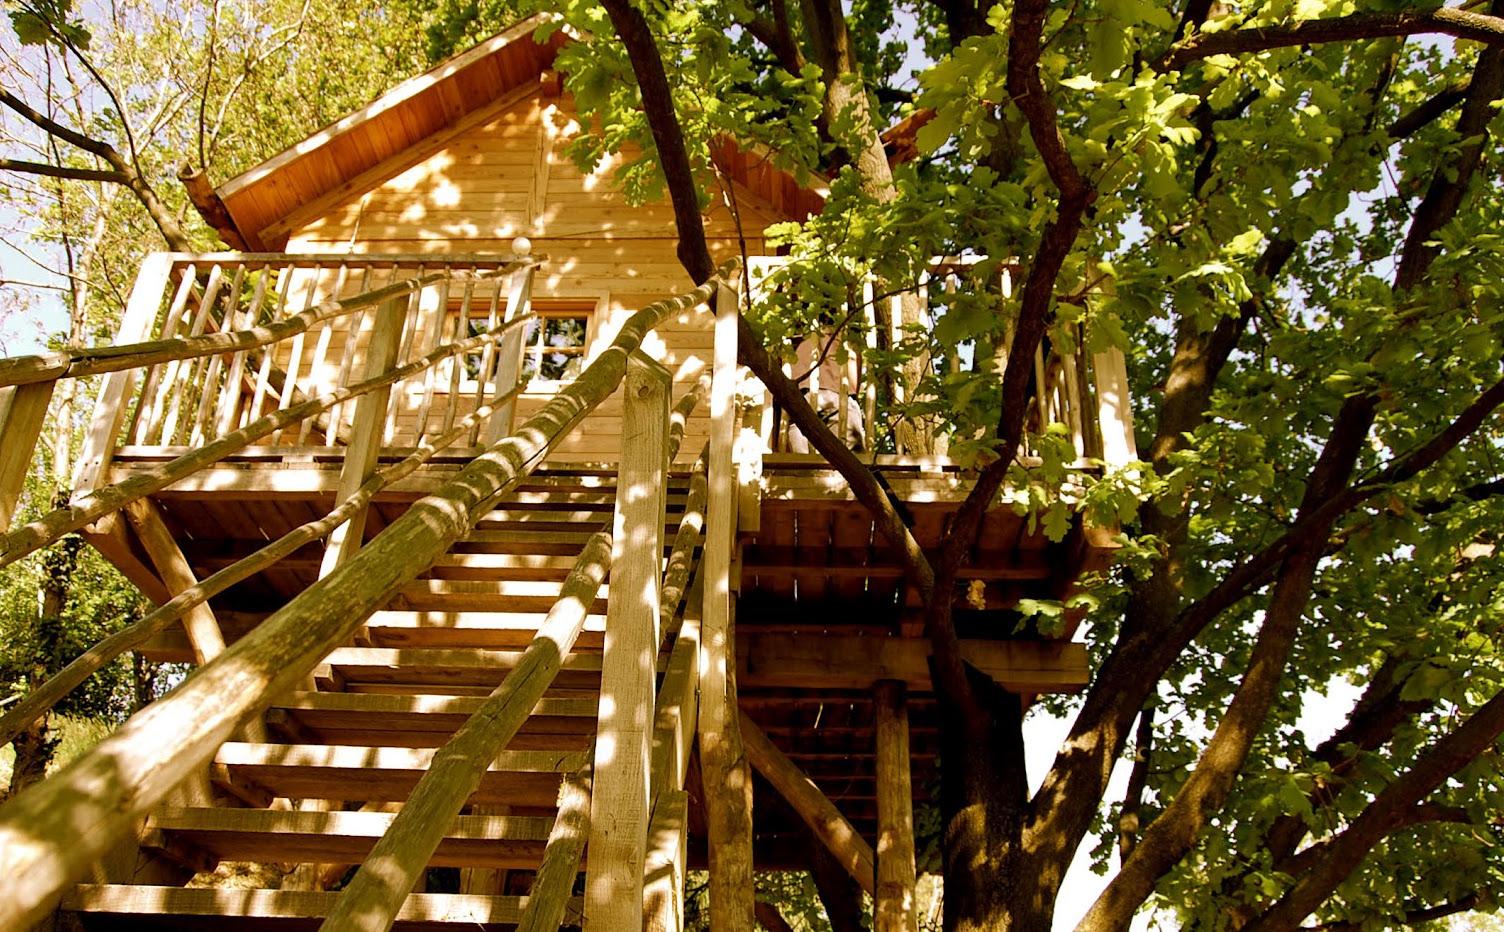 casa-hotel sull'albero, a Manta, Cuneo